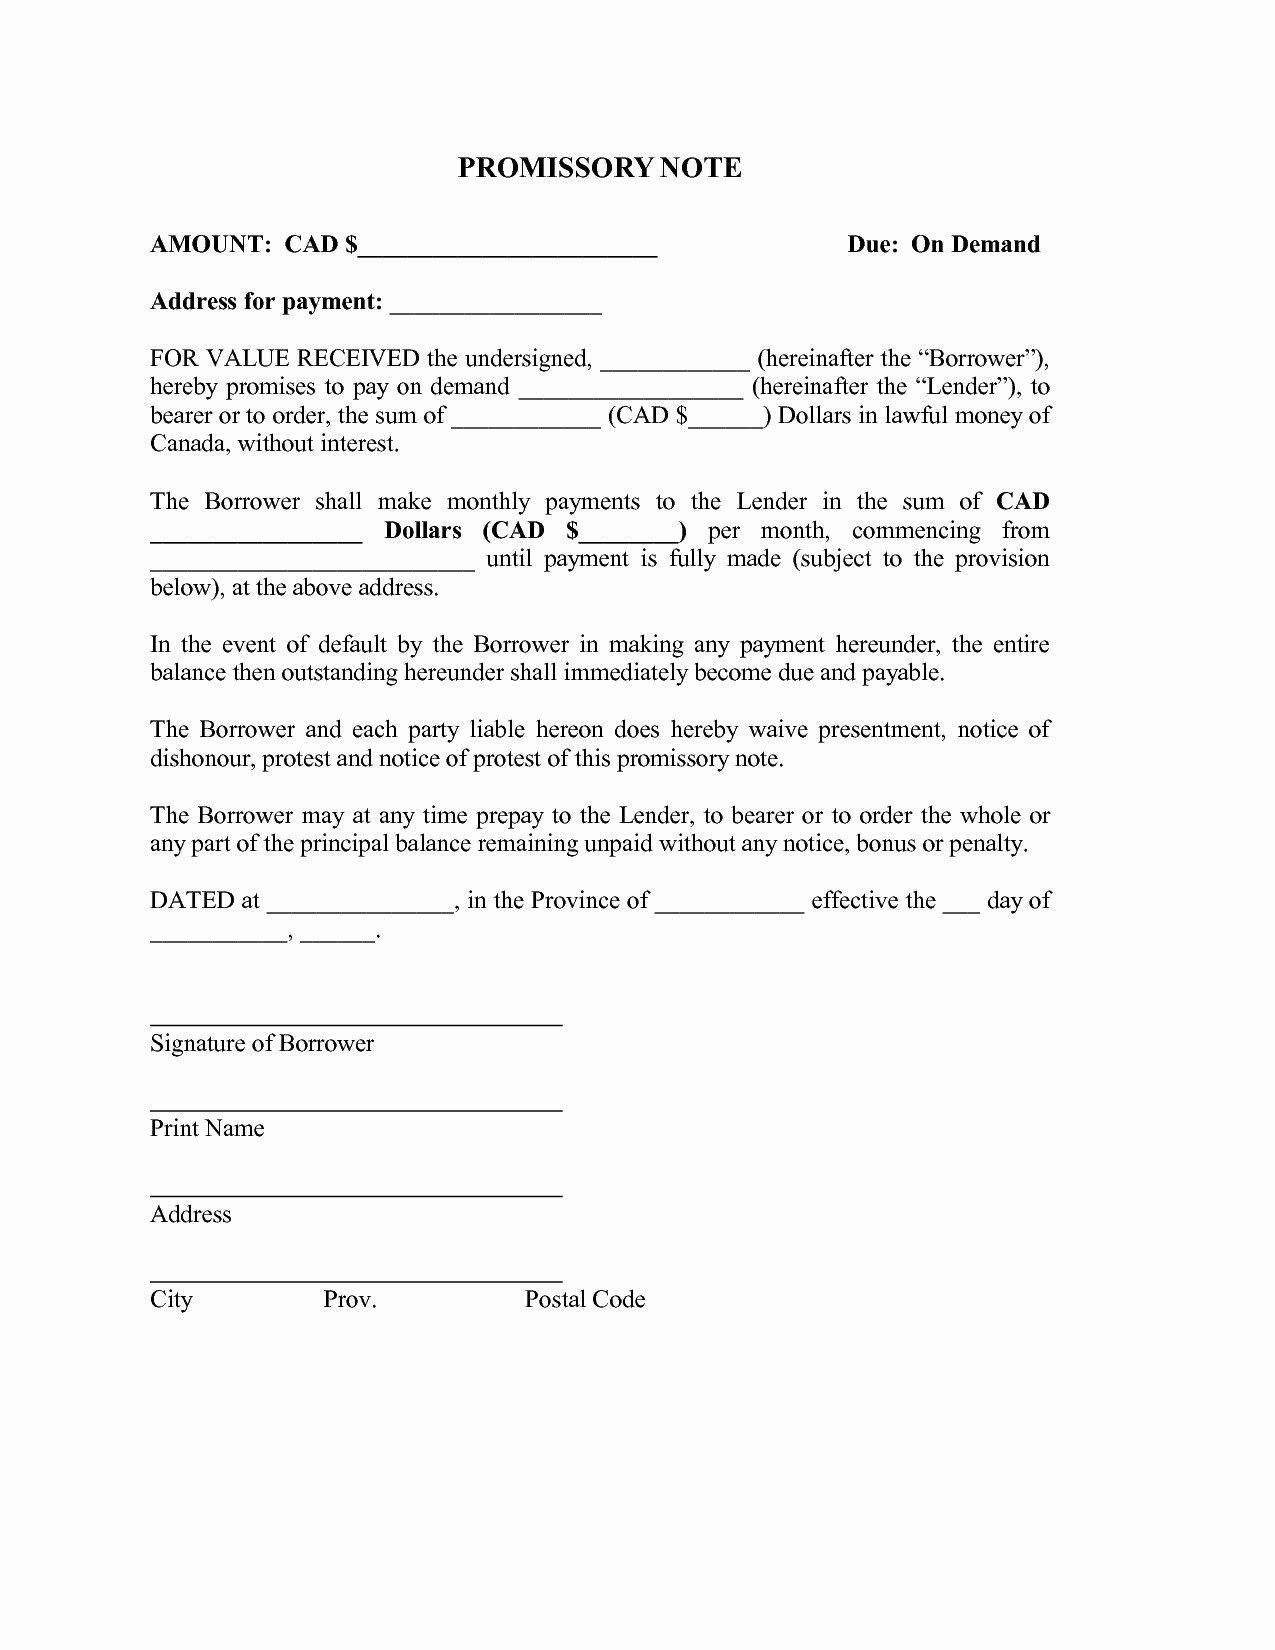 Personal Loan Promissory Note Template Luxury Demand Letter Promissory Note Template Samples